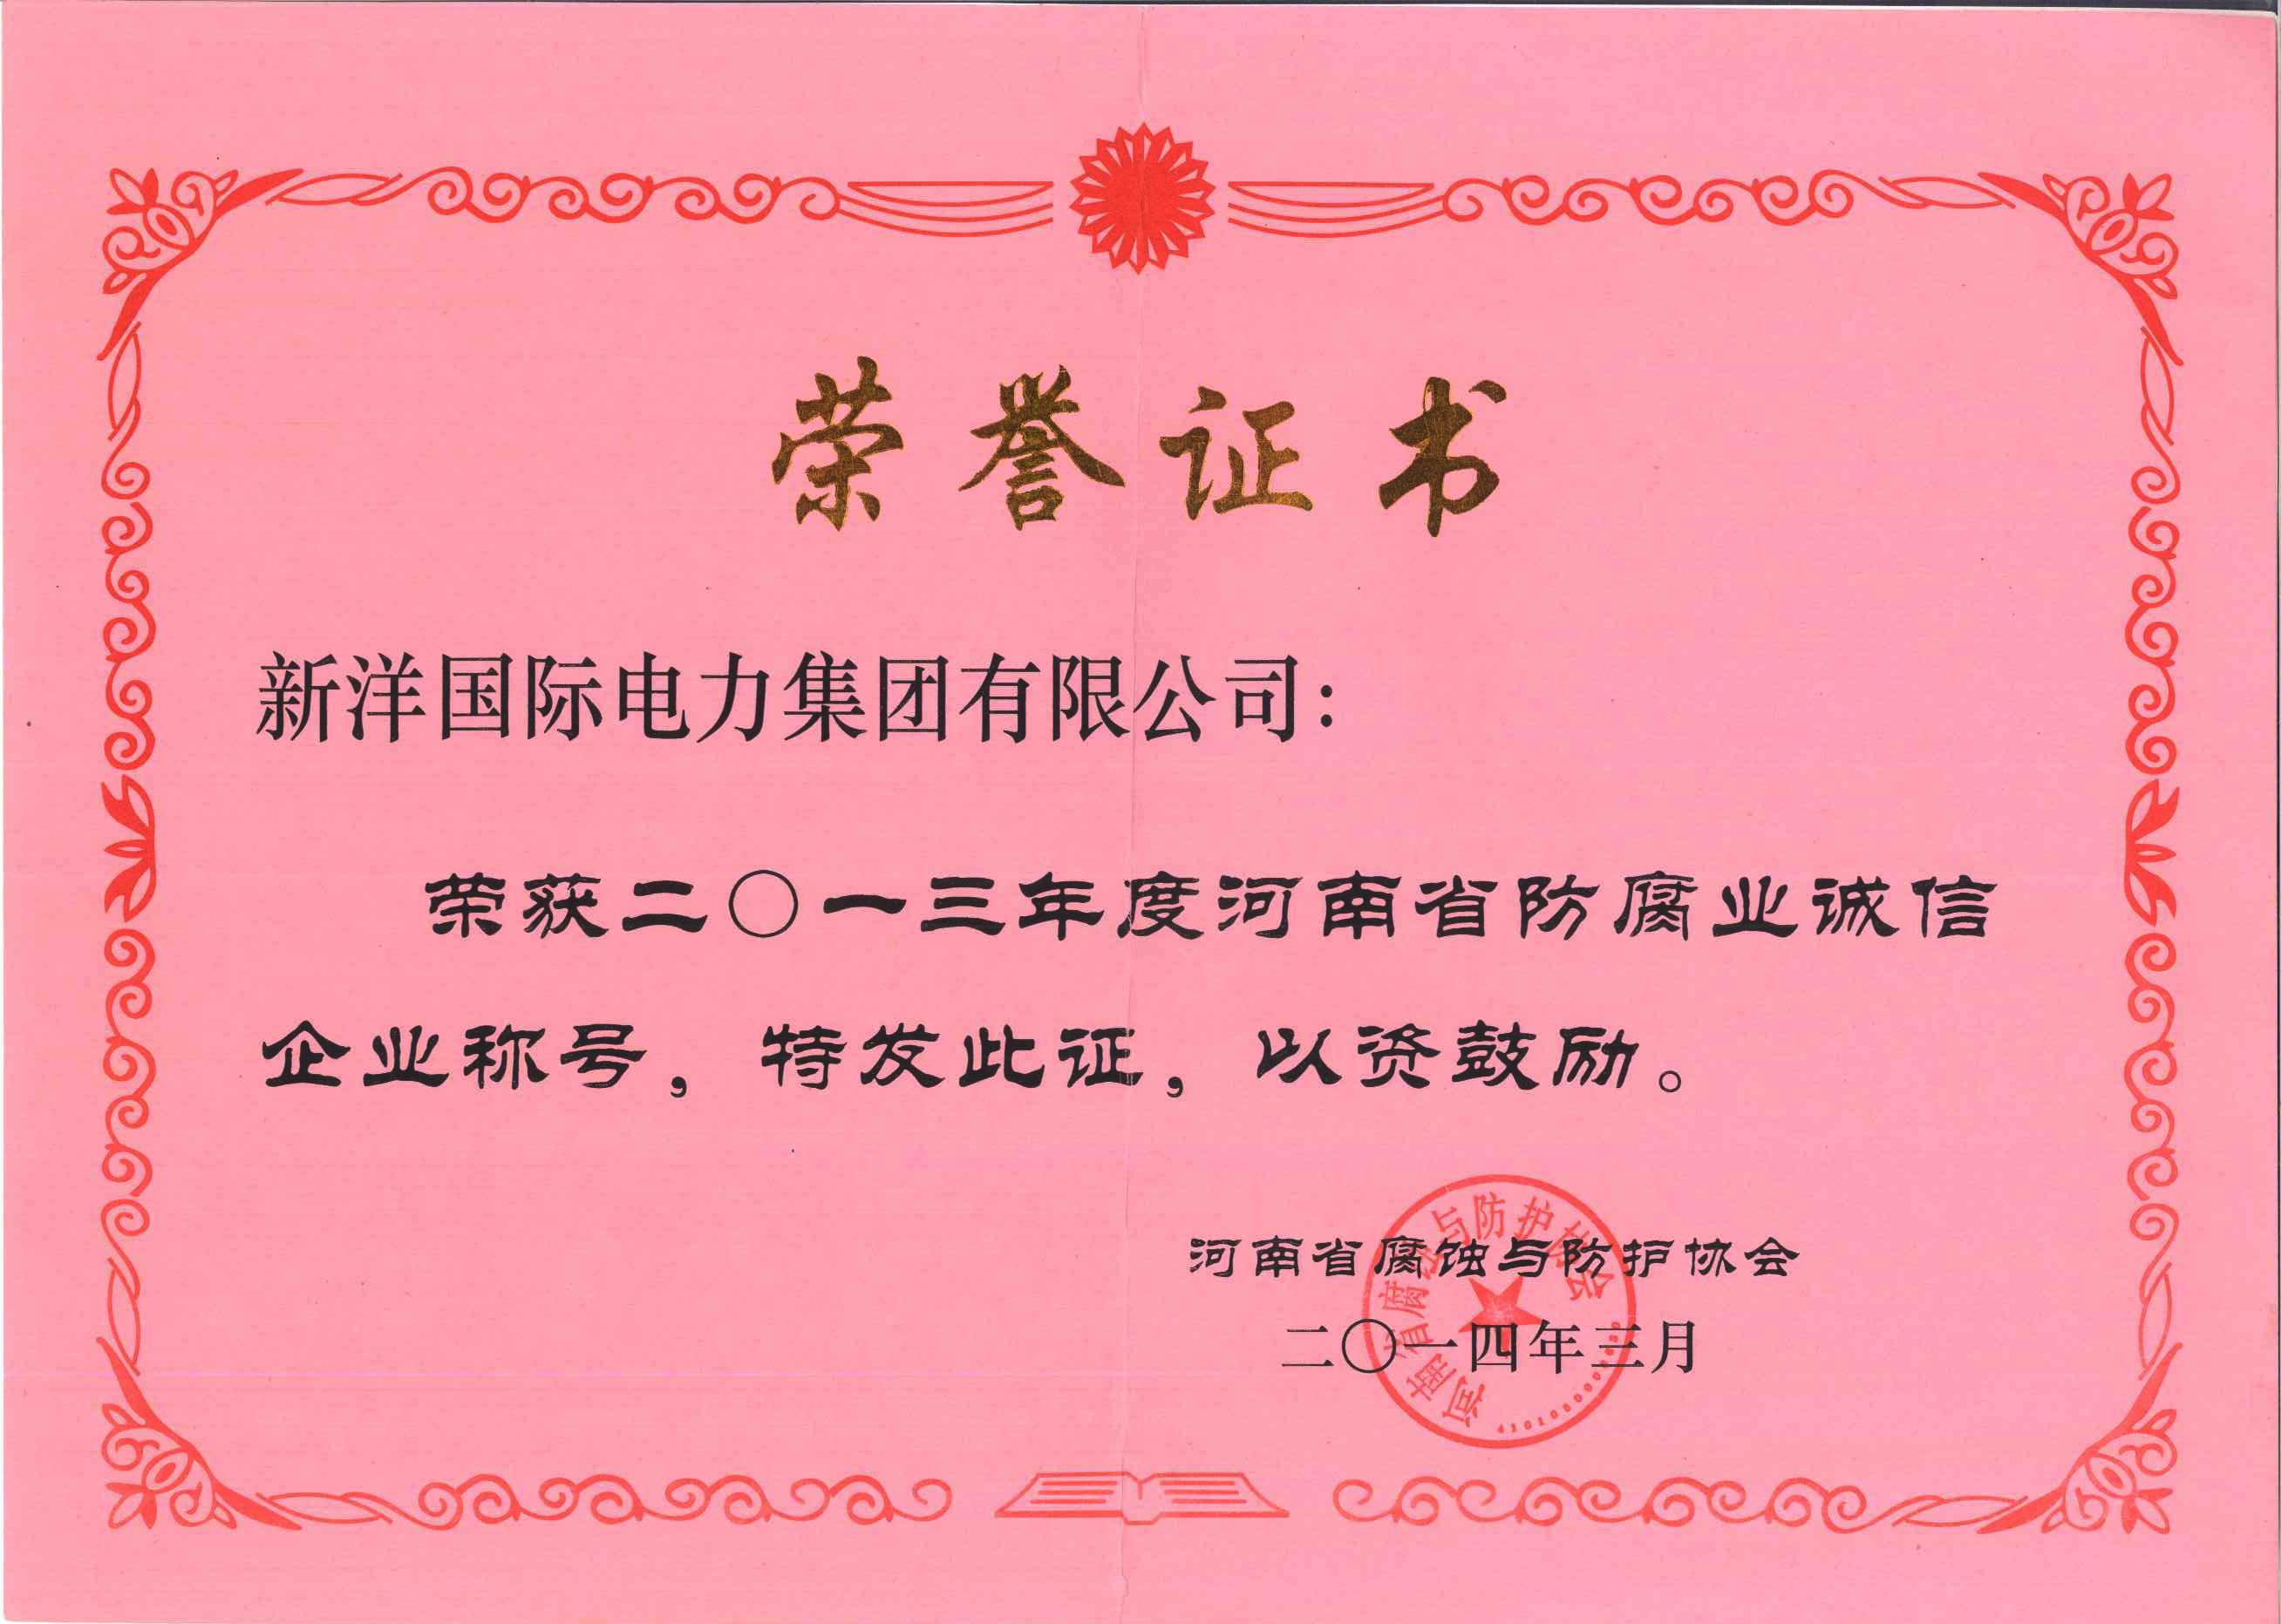 2013年度河南省防腐業誠信企業